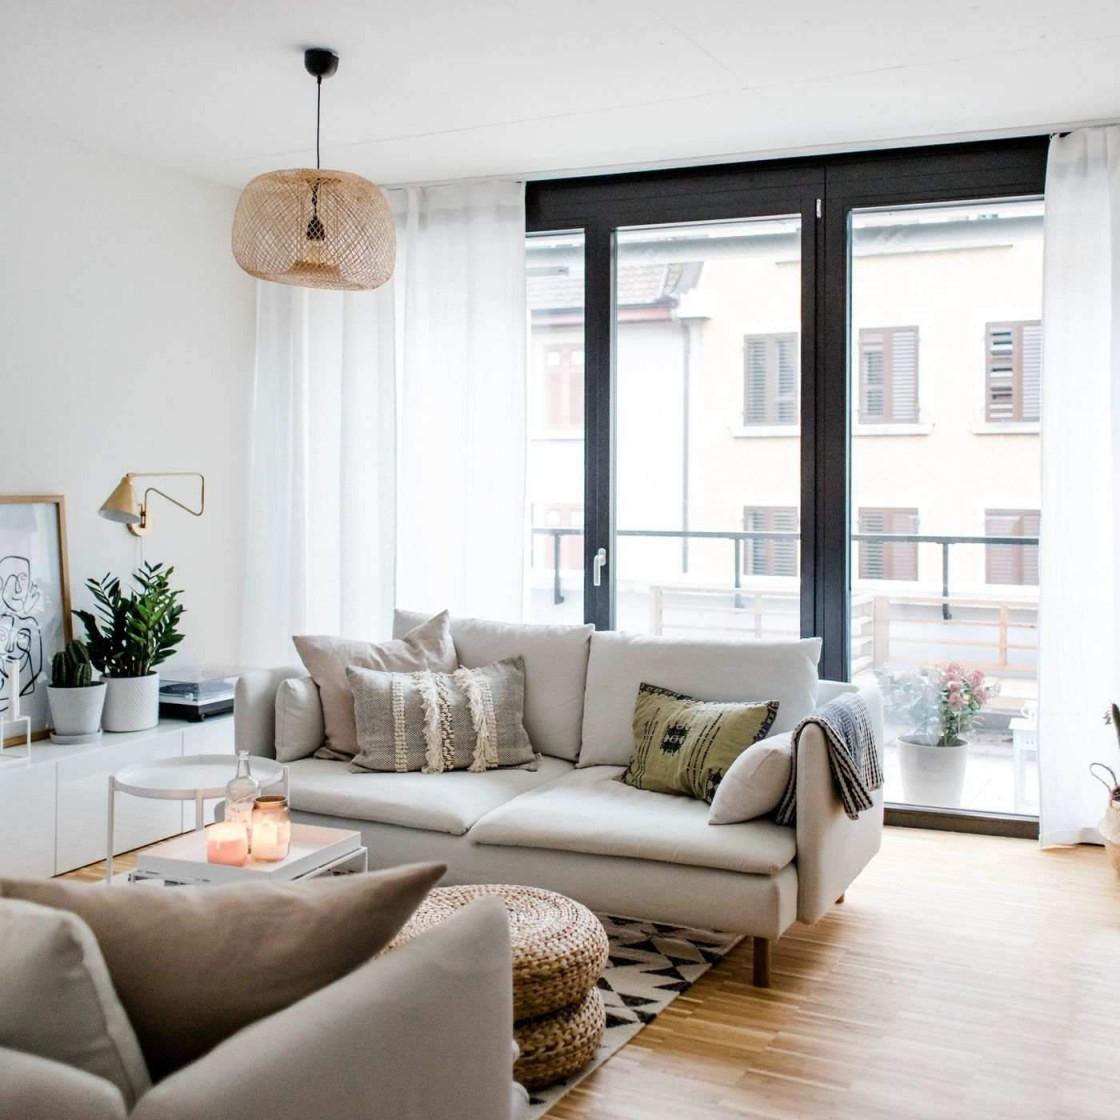 32 Luxus Kleine Wohnzimmer Modern Einrichten Genial von Wohnzimmer Einrichten Modern Photo